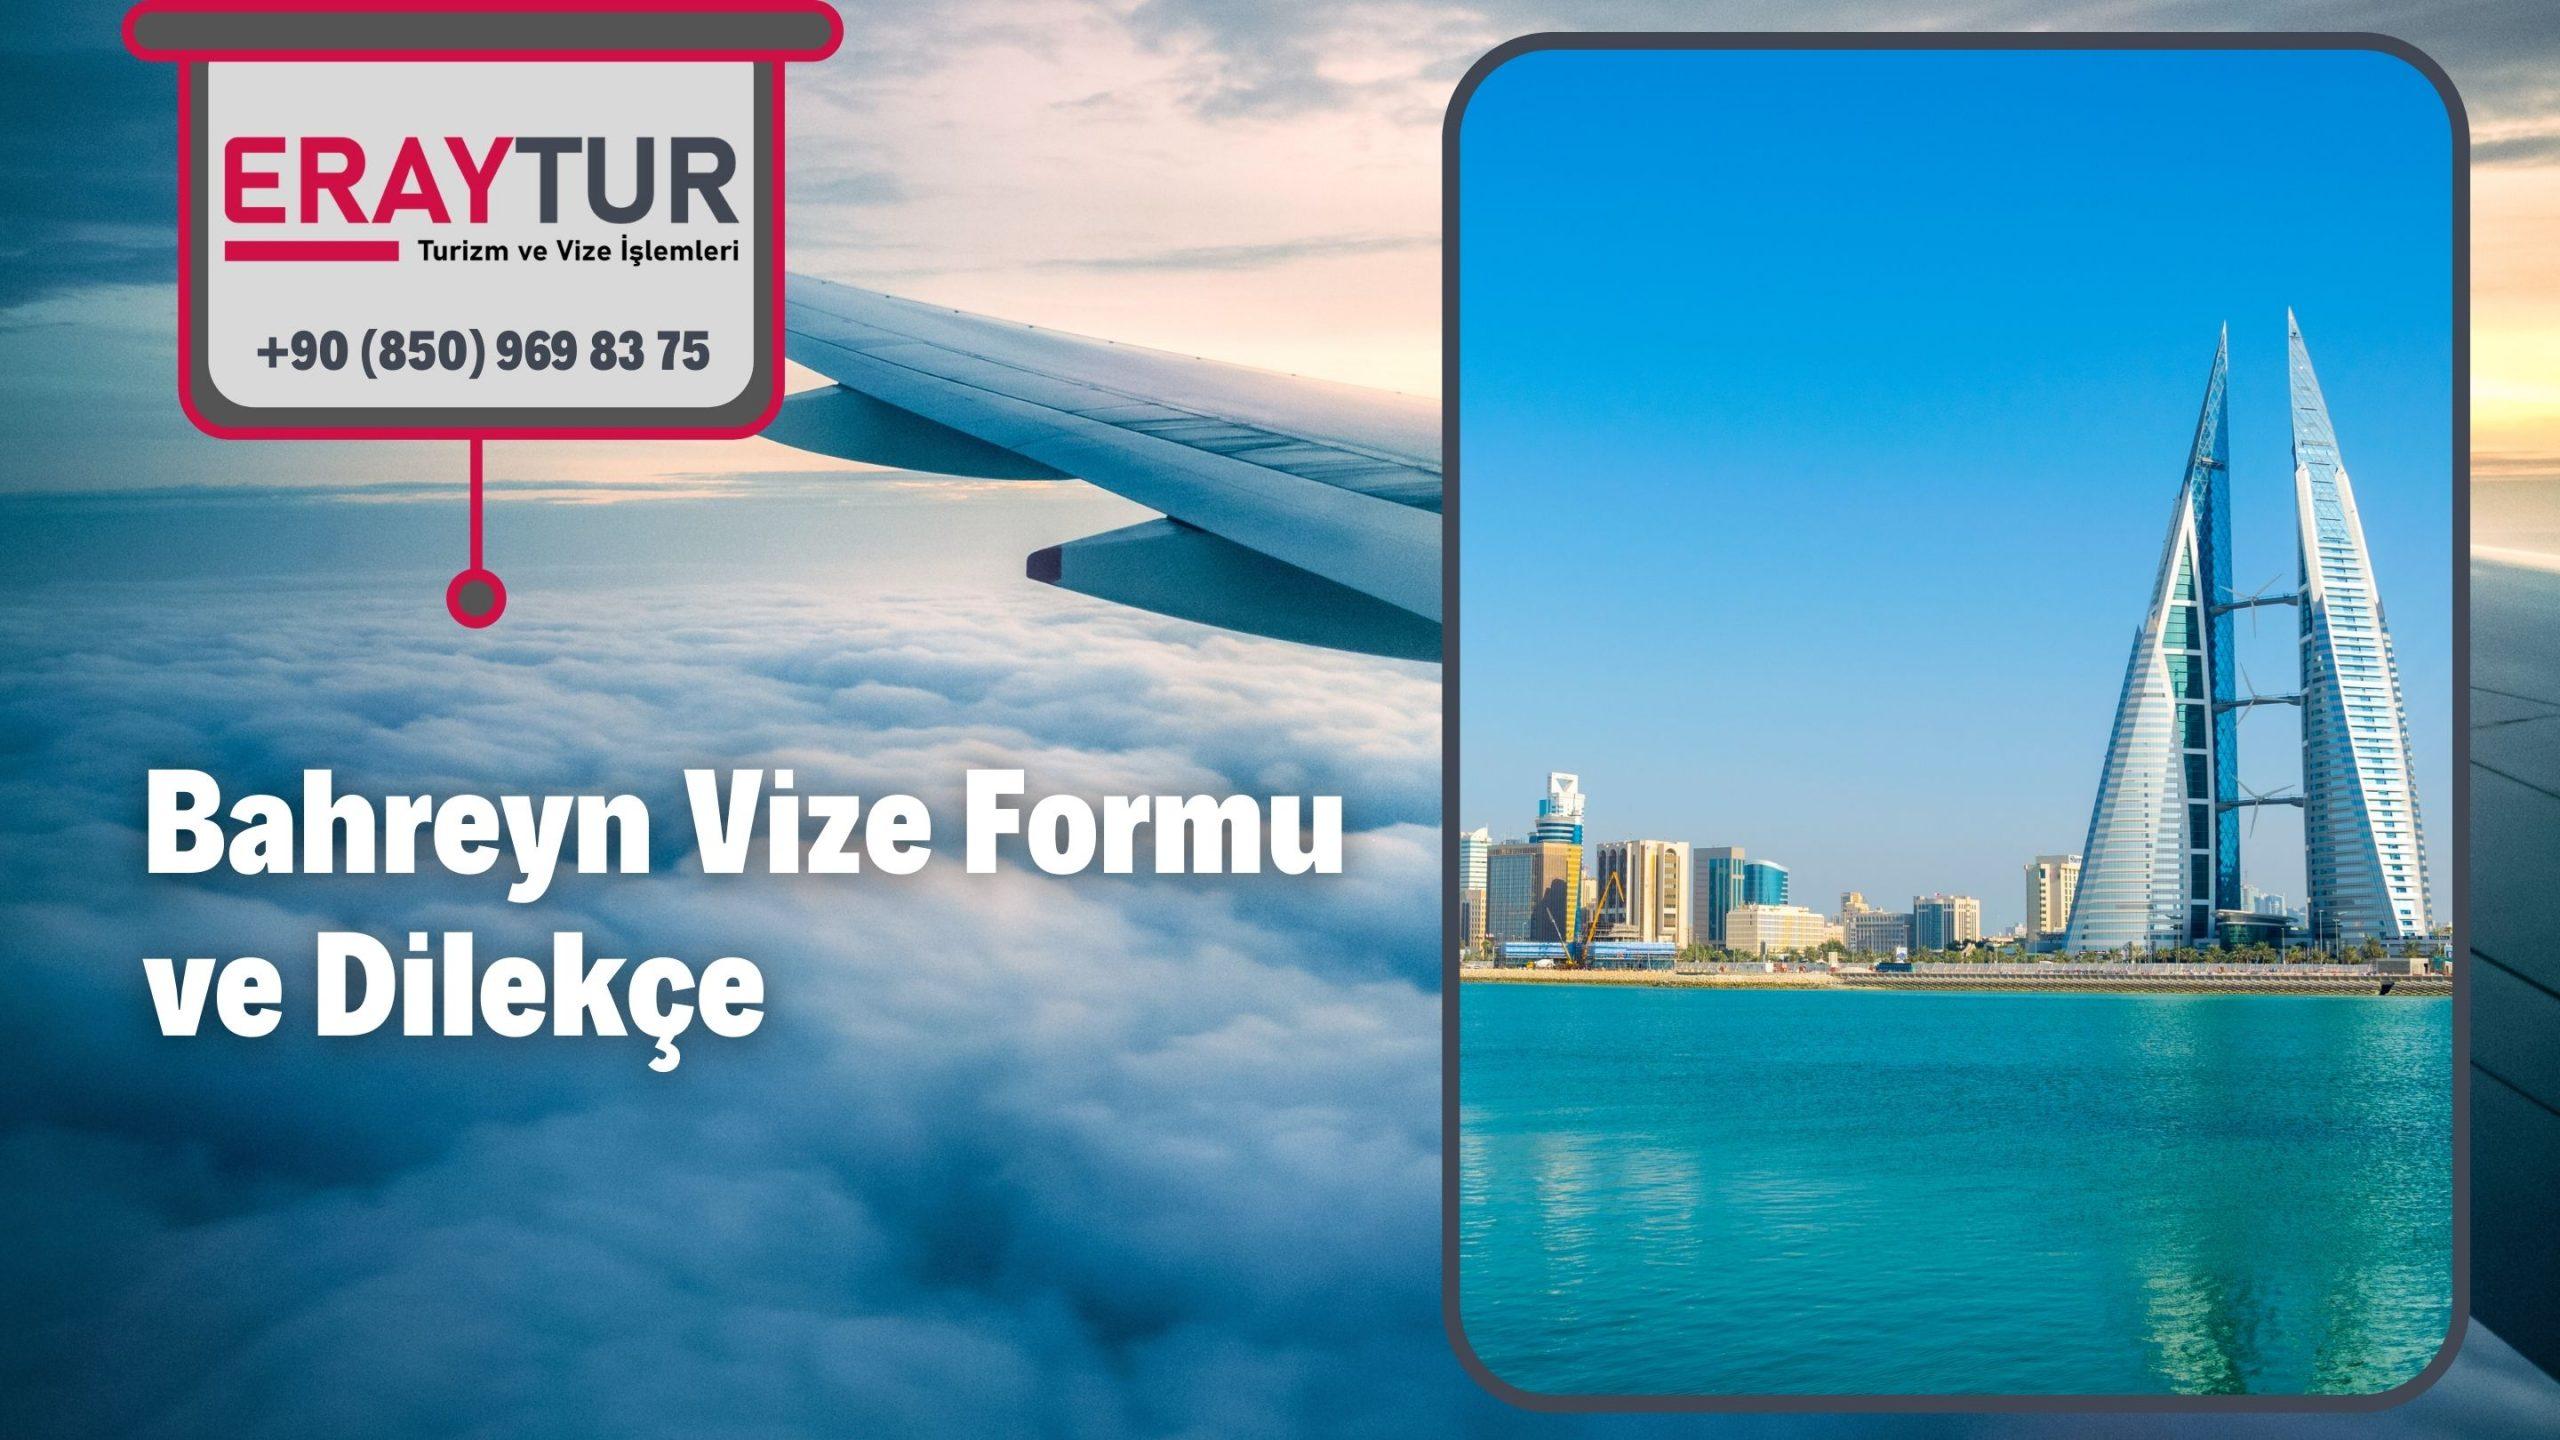 Bahreyn Vize Formu ve Dilekçe 1 – bahreyn vize formu ve dilekce 3 scaled